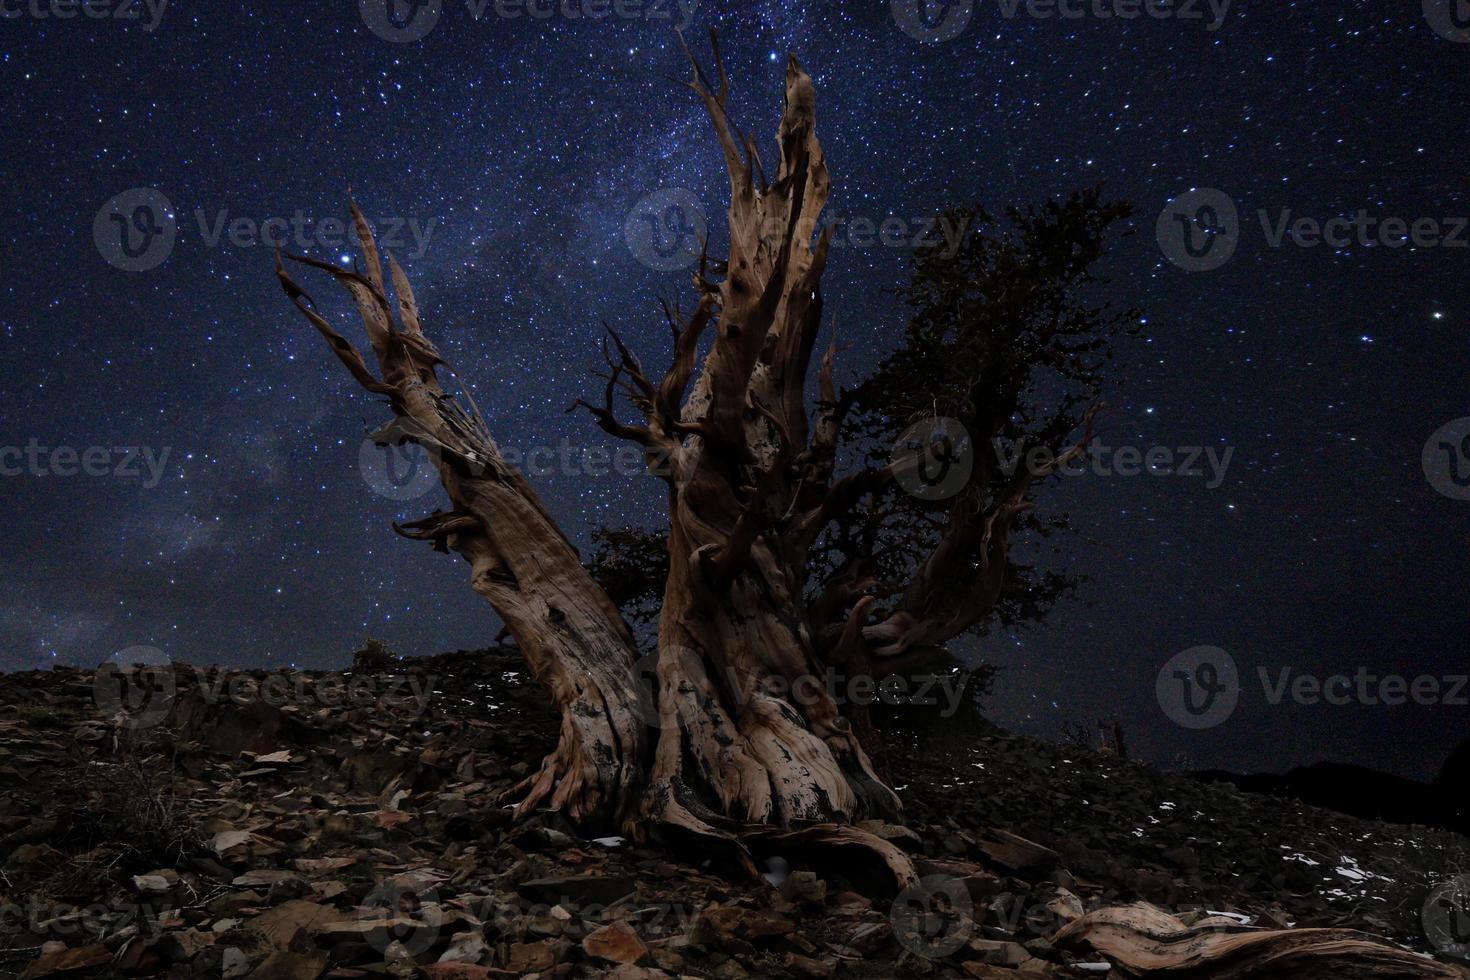 ljusmålat landskap av stjärnor i tallar med borst foto